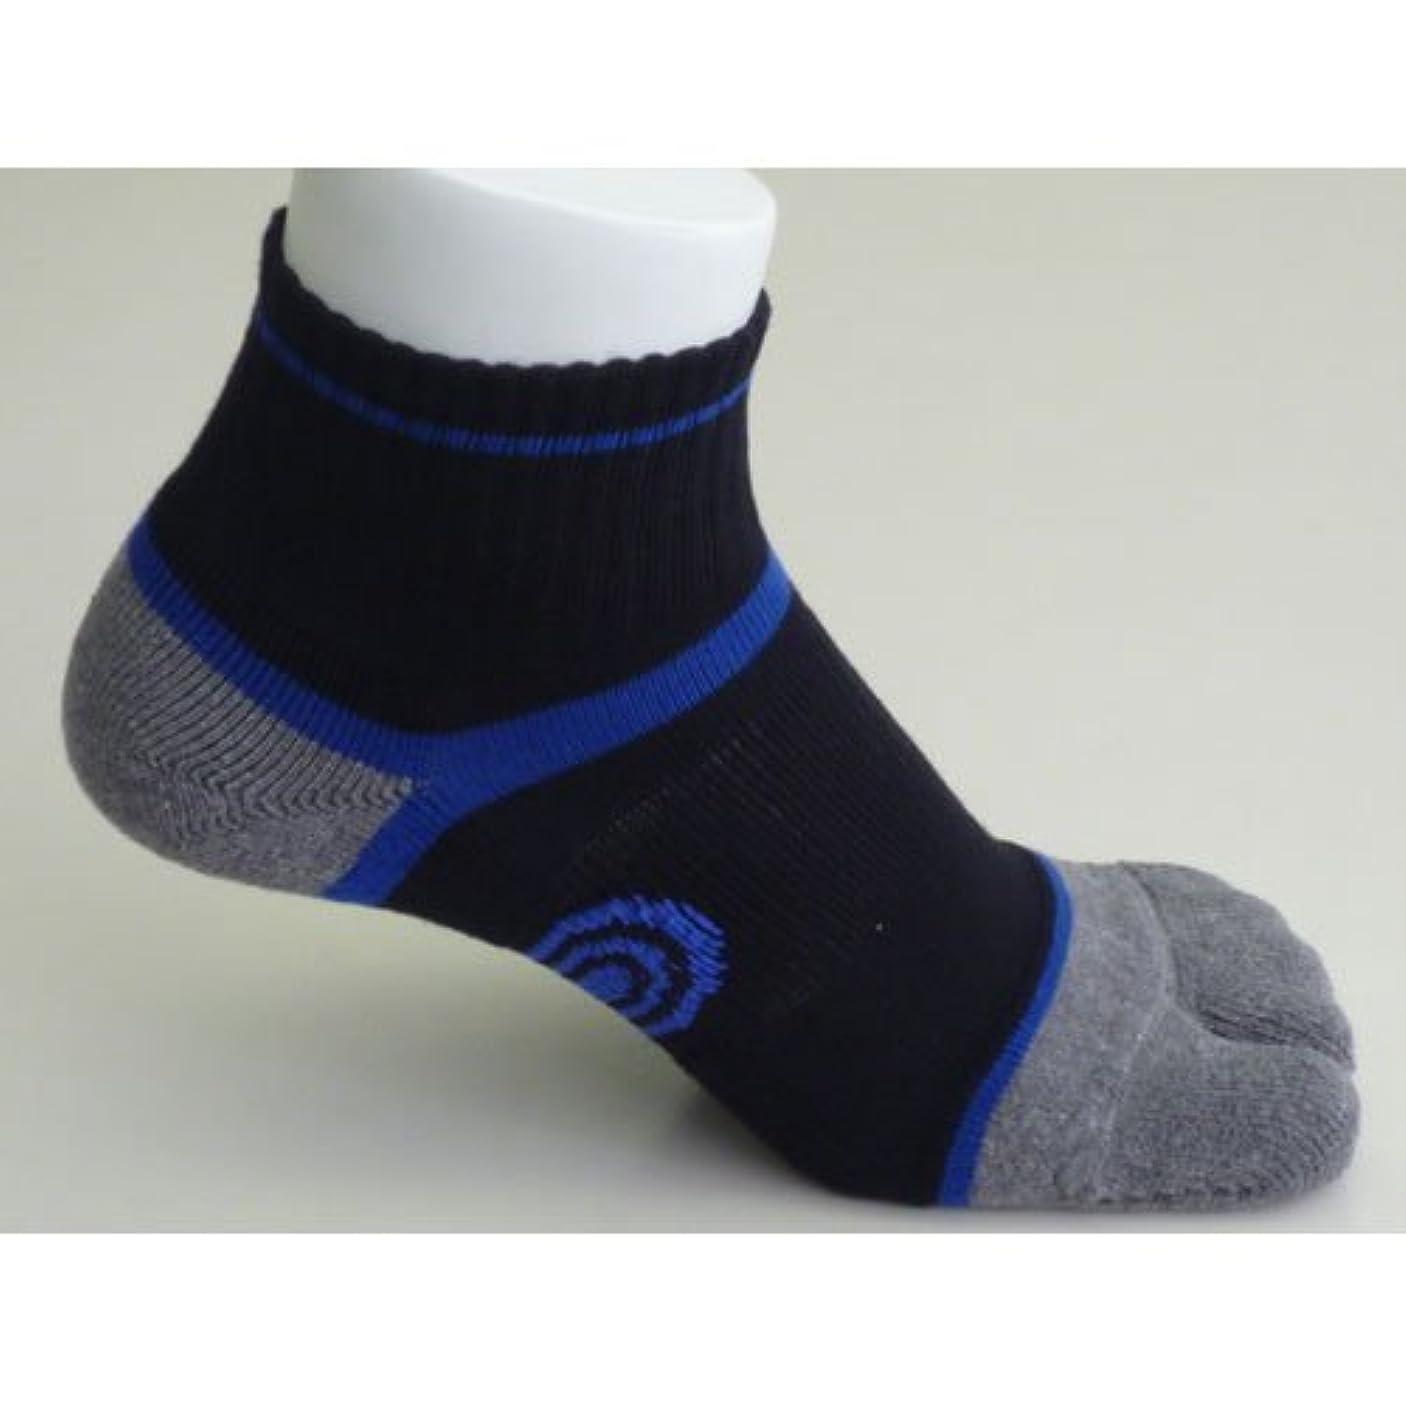 場所輝度敏感な草鞋ソックス M(25-27cm)ブルー 【わらじソックス】【炭の靴下】【足袋型】